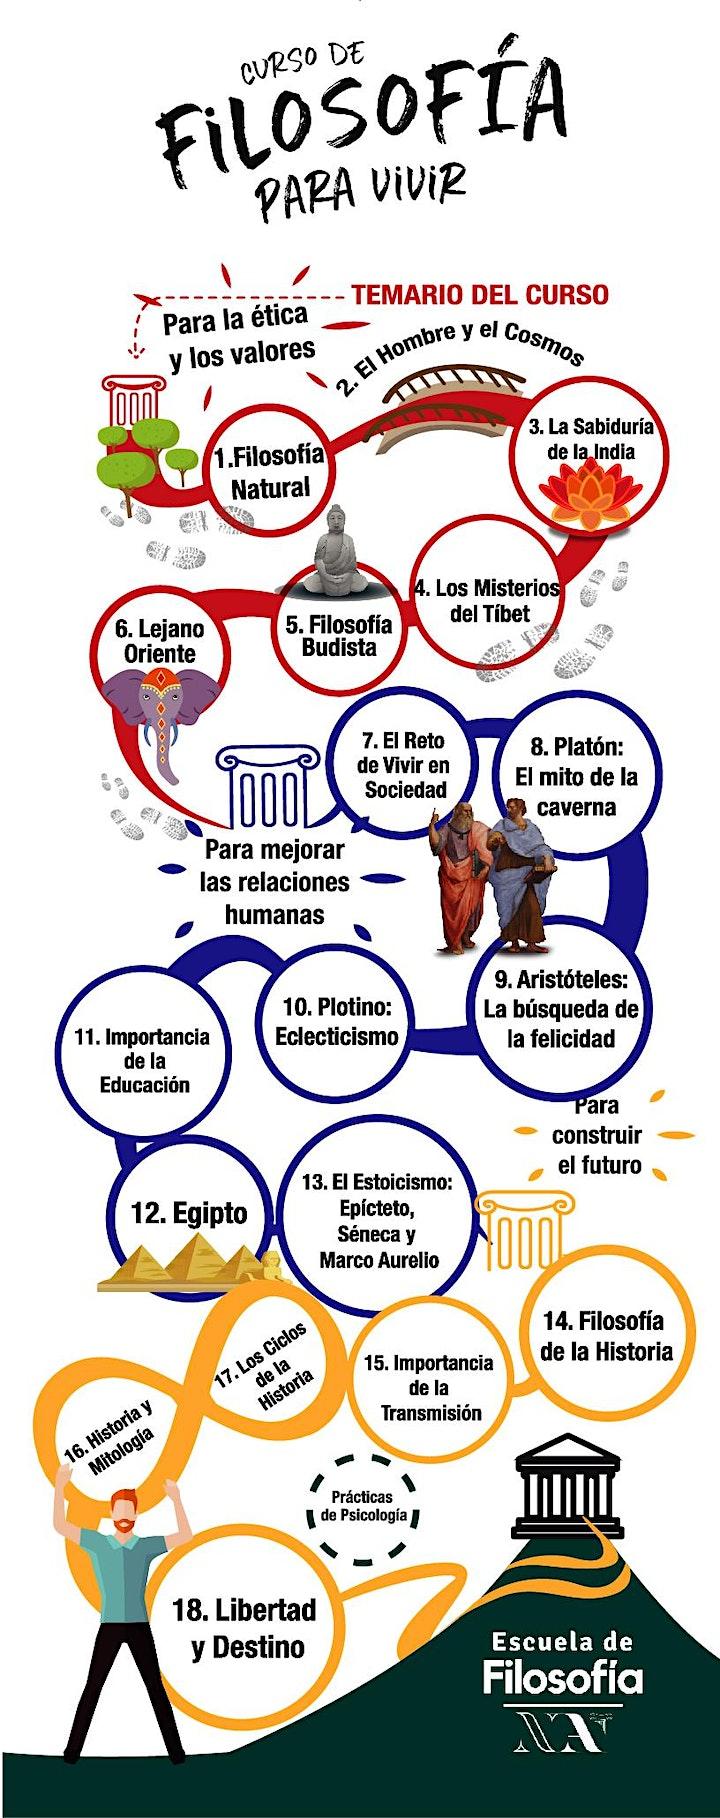 Imagen de Presentación online gratuita del Curso de Filosofía